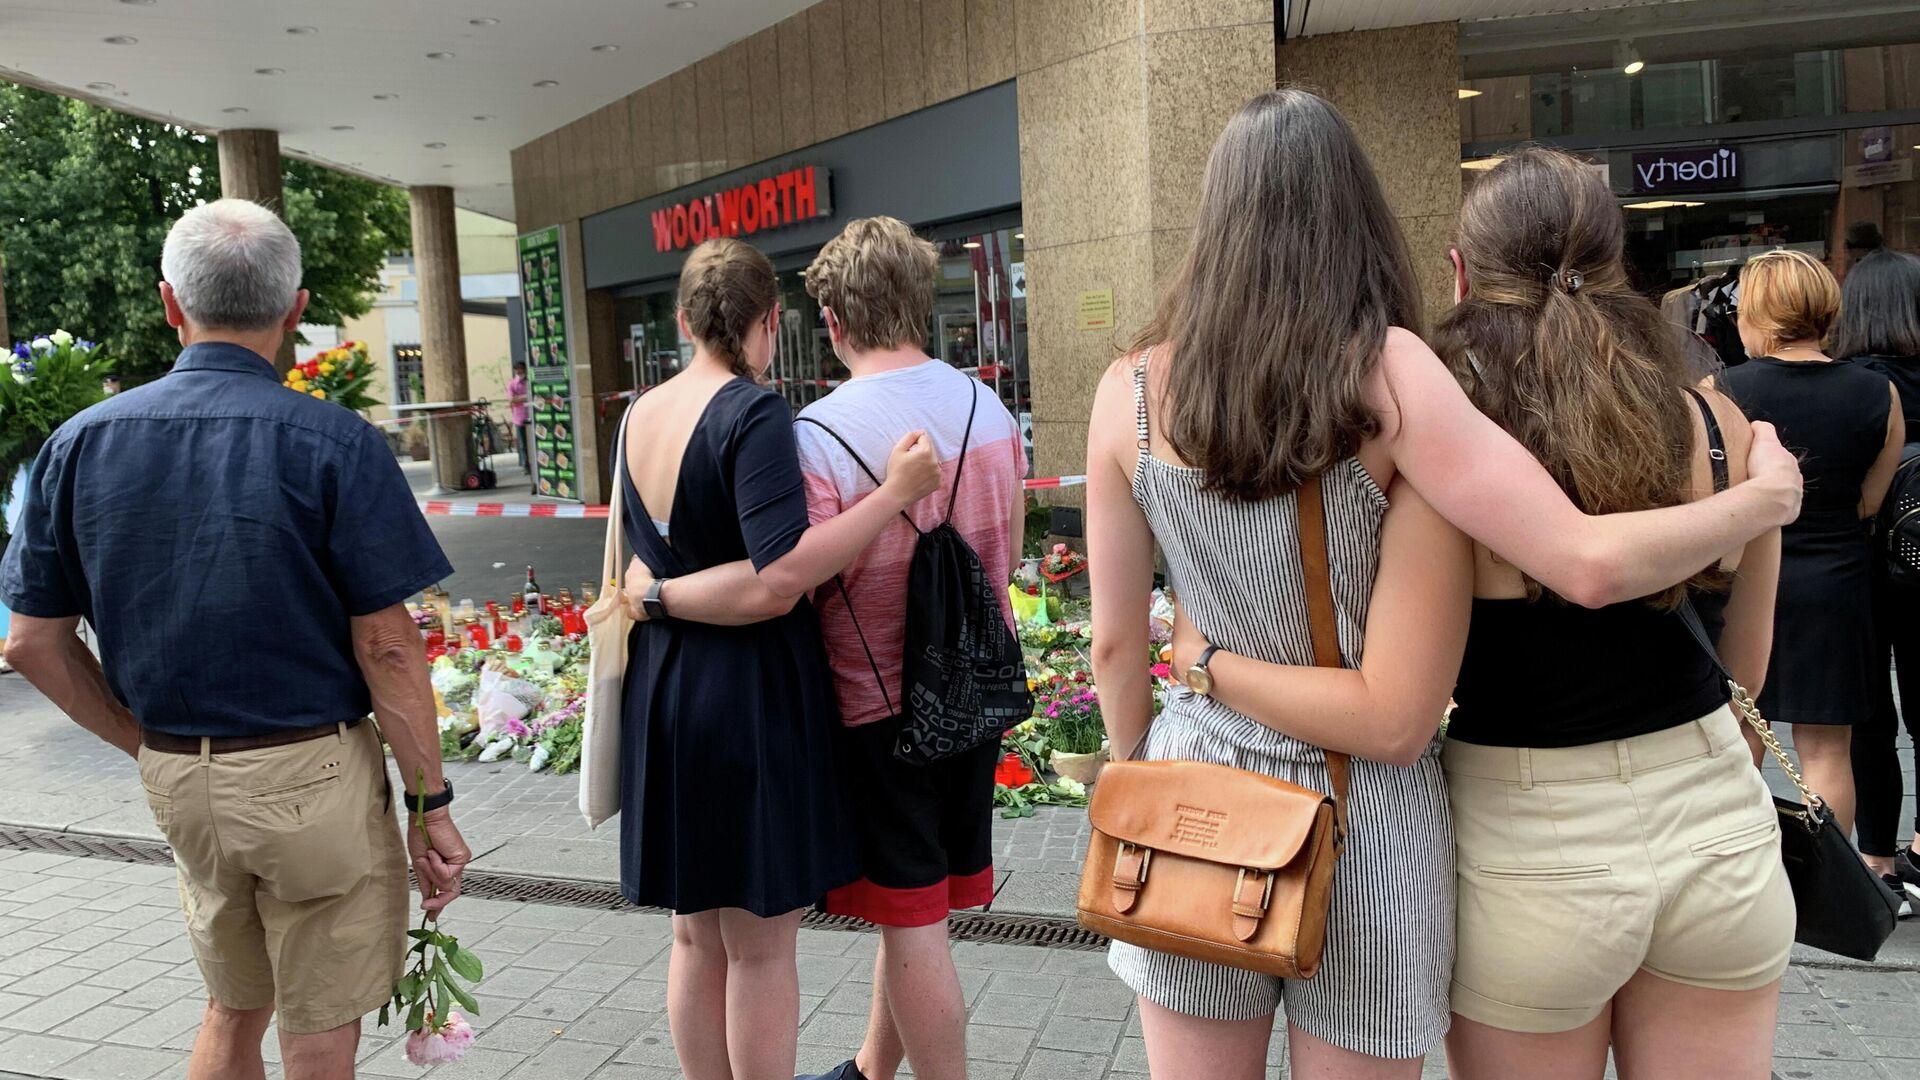 Menschen trauern neben Blumen und Kerzen vor einem Kaufhaus in Würzburg, 27. Juni 2021, nach einem Messerangriff am Freitag durch einen 24-jährigen somalischen Einwanderer, bei dem drei Frauen getötet und fünf weitere Frauen schwer verletzt wurden.  - SNA, 1920, 04.07.2021